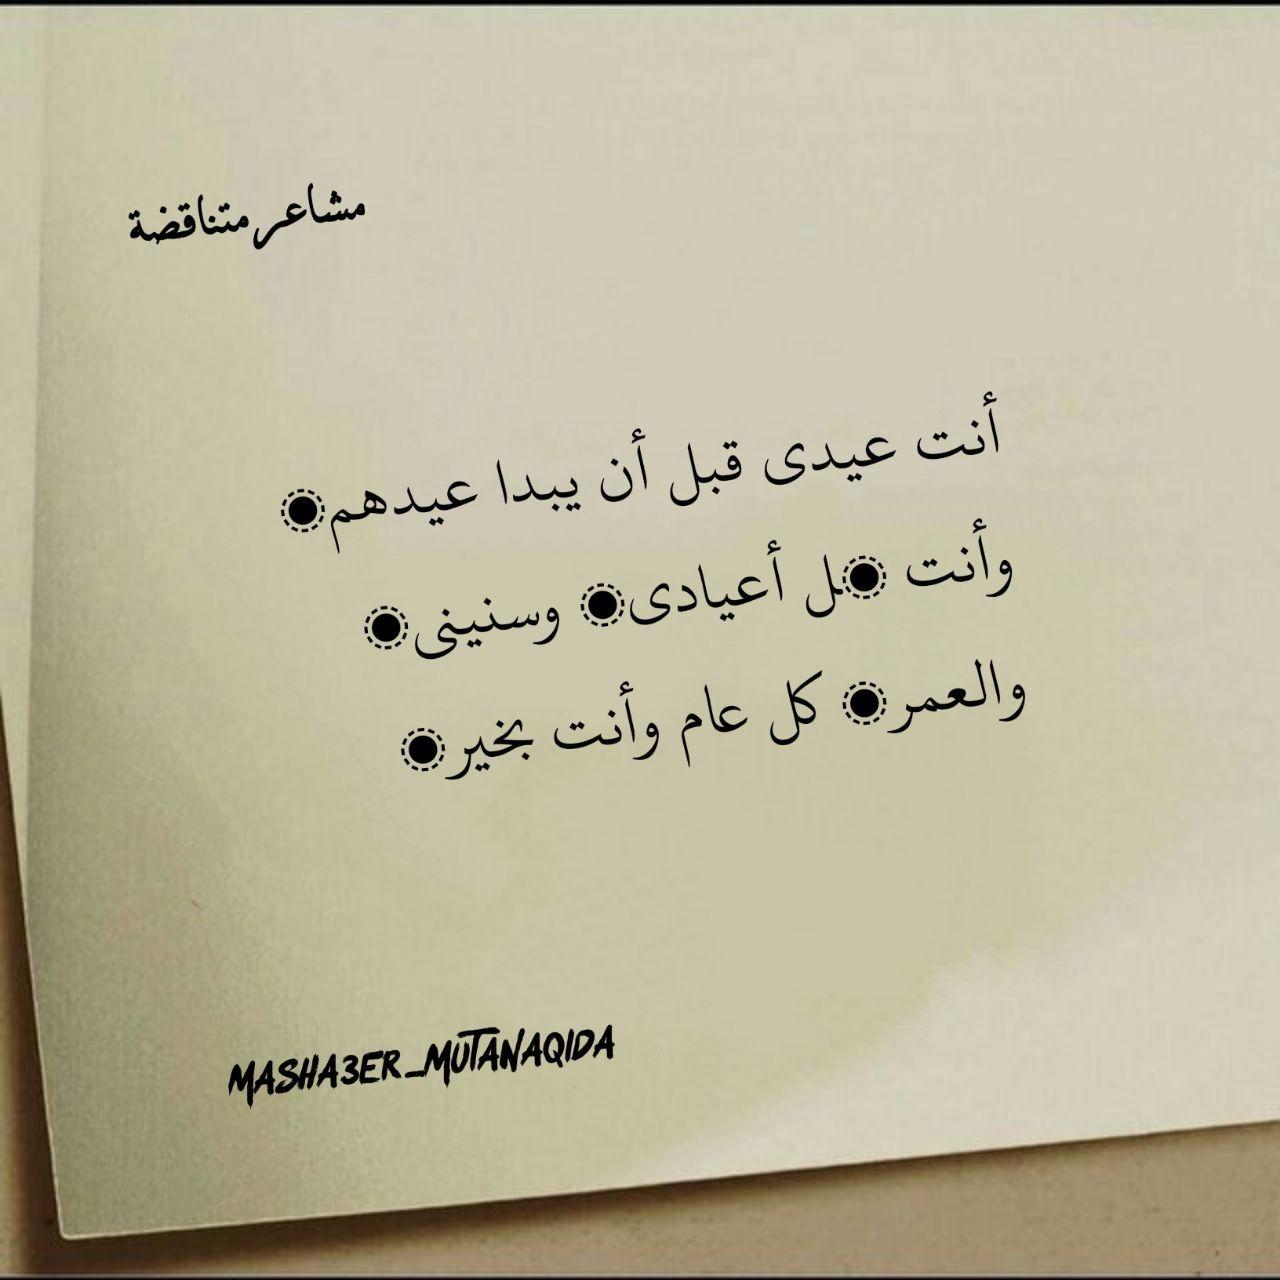 أنت عيدي قبل أن يبدا عيدهم Arabic Calligraphy Calligraphy Instagram